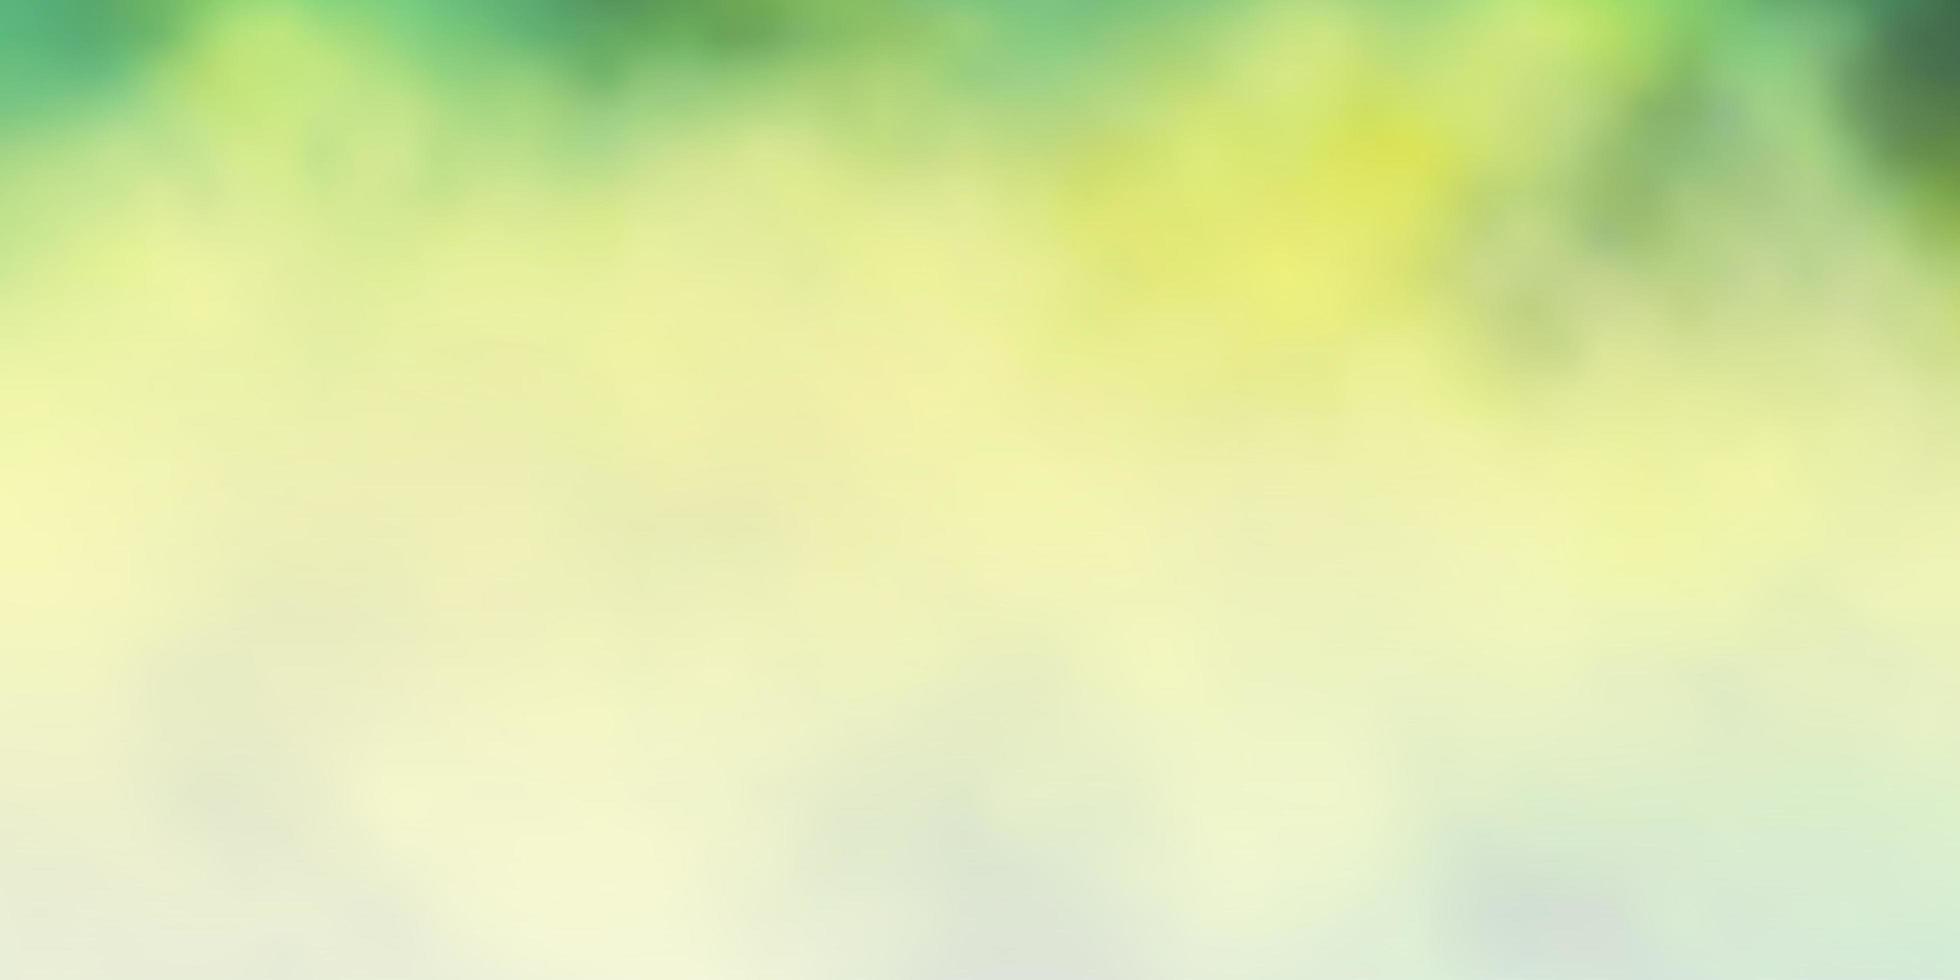 trama vettoriale verde chiaro, giallo con cielo nuvoloso.